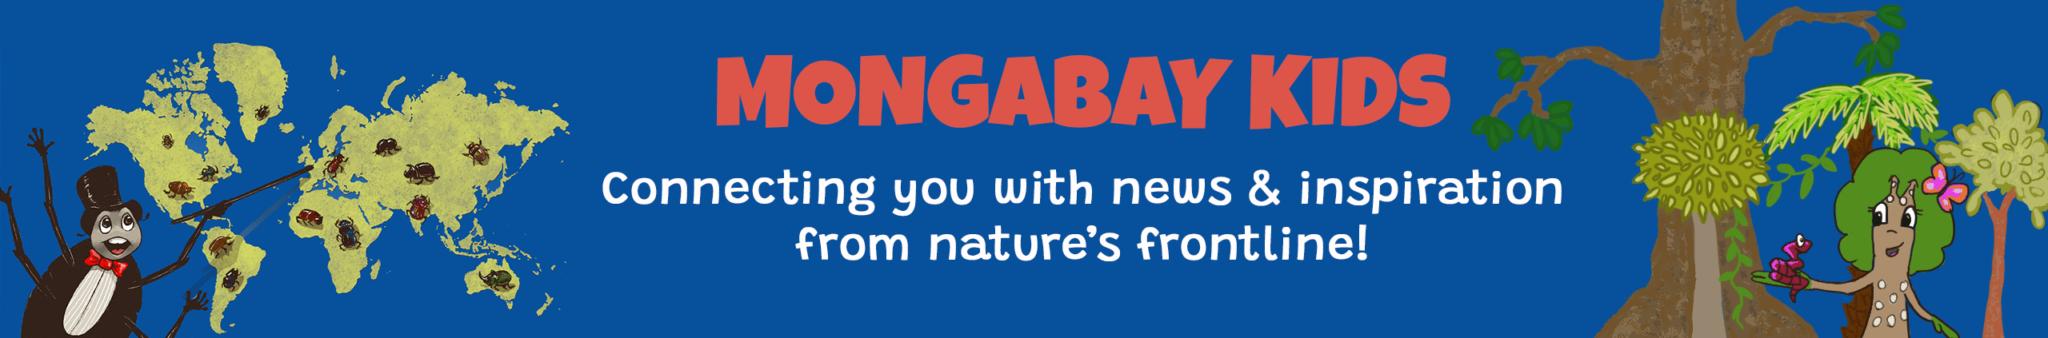 Mongabay Kids banner